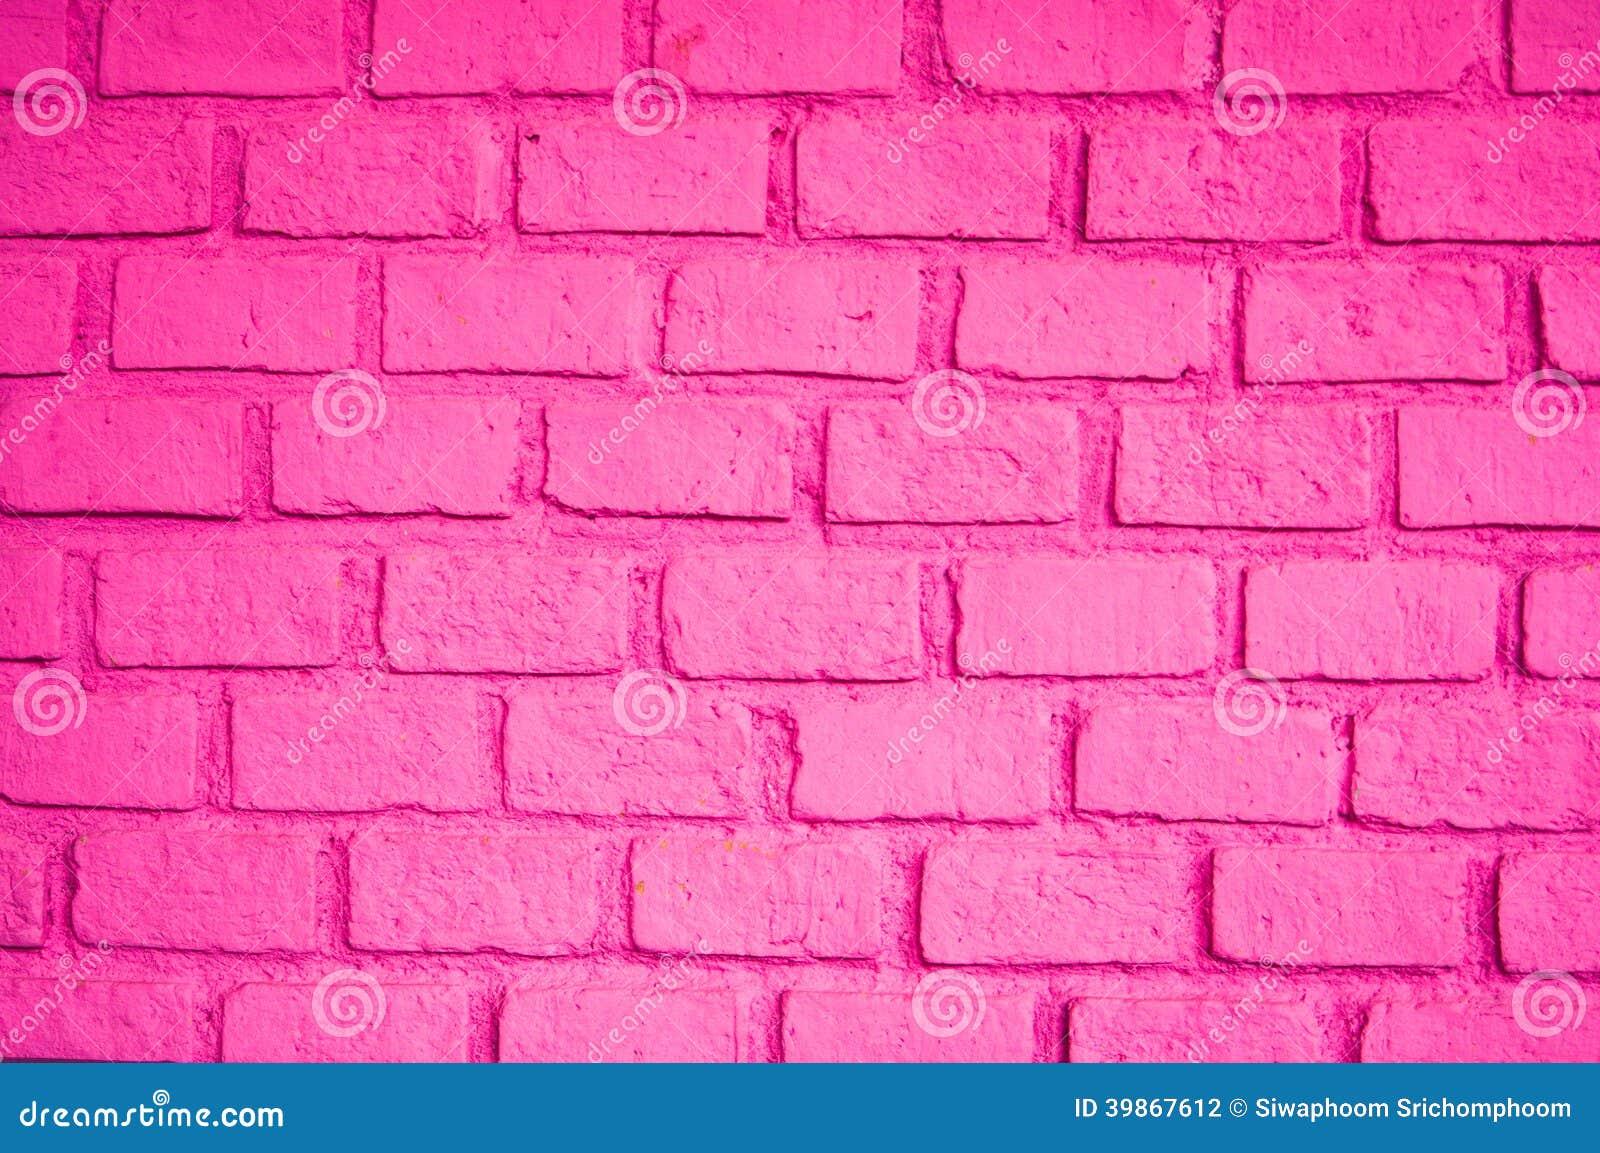 Mooie Roze Kleur Van Bakstenen Muur Stock Foto Afbeelding 39867612